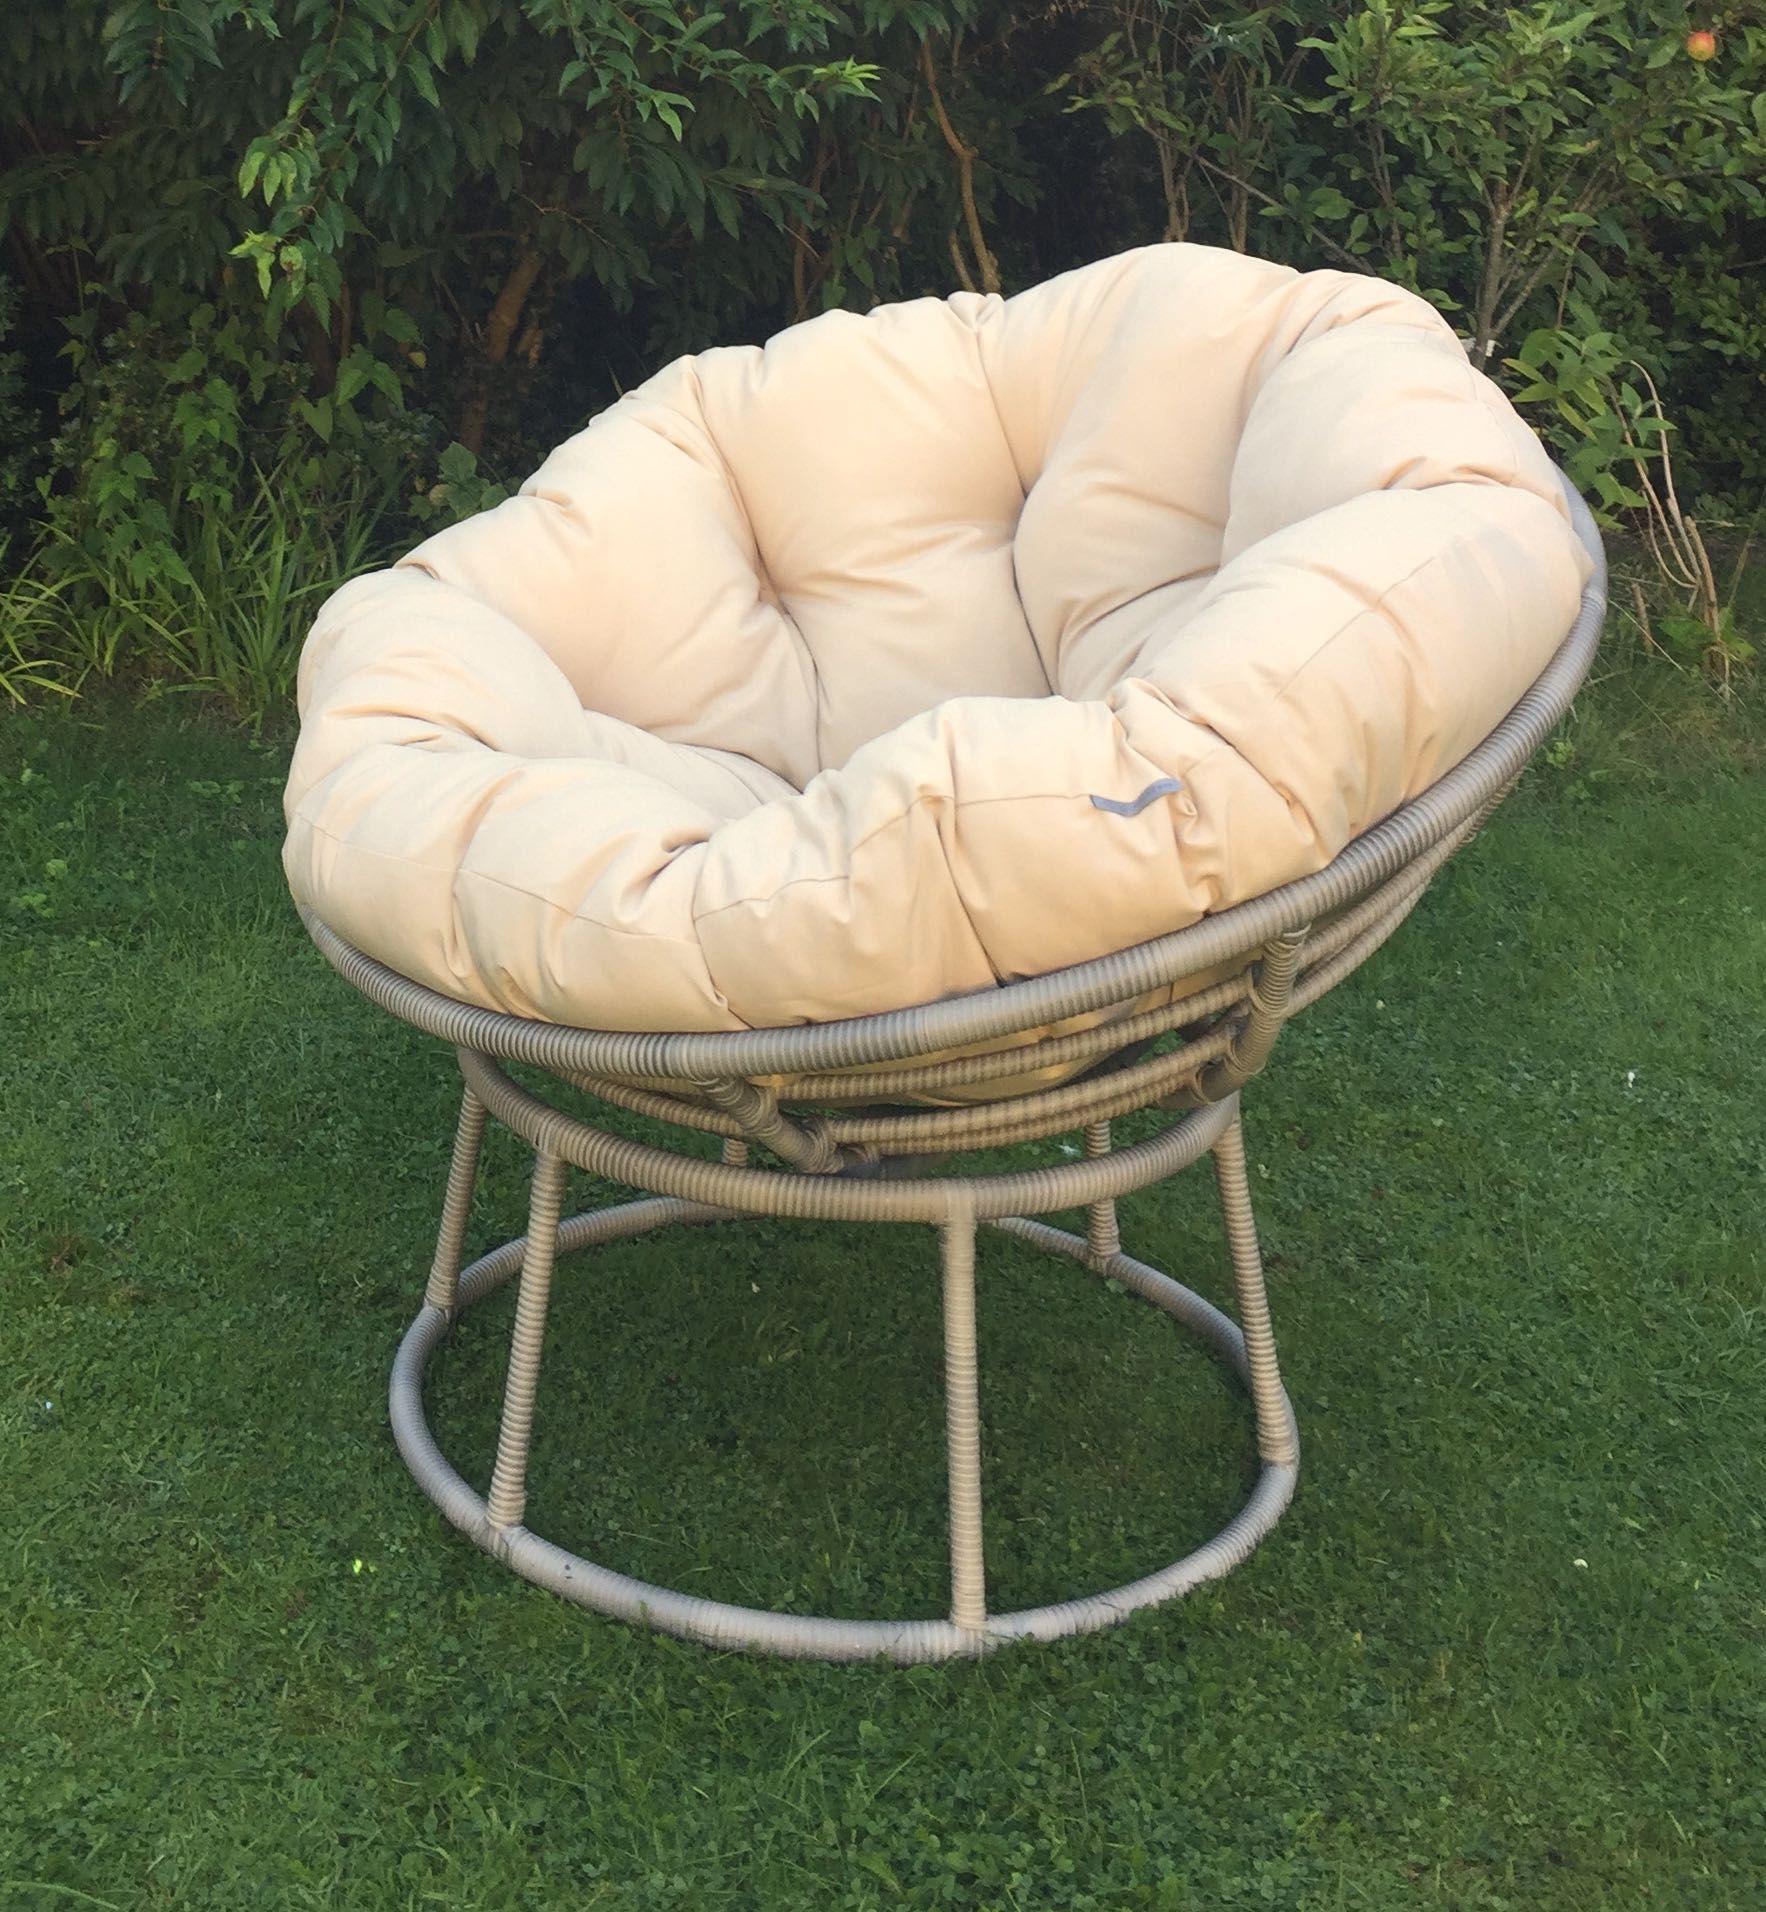 Outdoor Aluminium Frame Papasan Waterproof Cushion 245 00 Papasan Chair Cushions Ikea Outdoor Papasan Chair